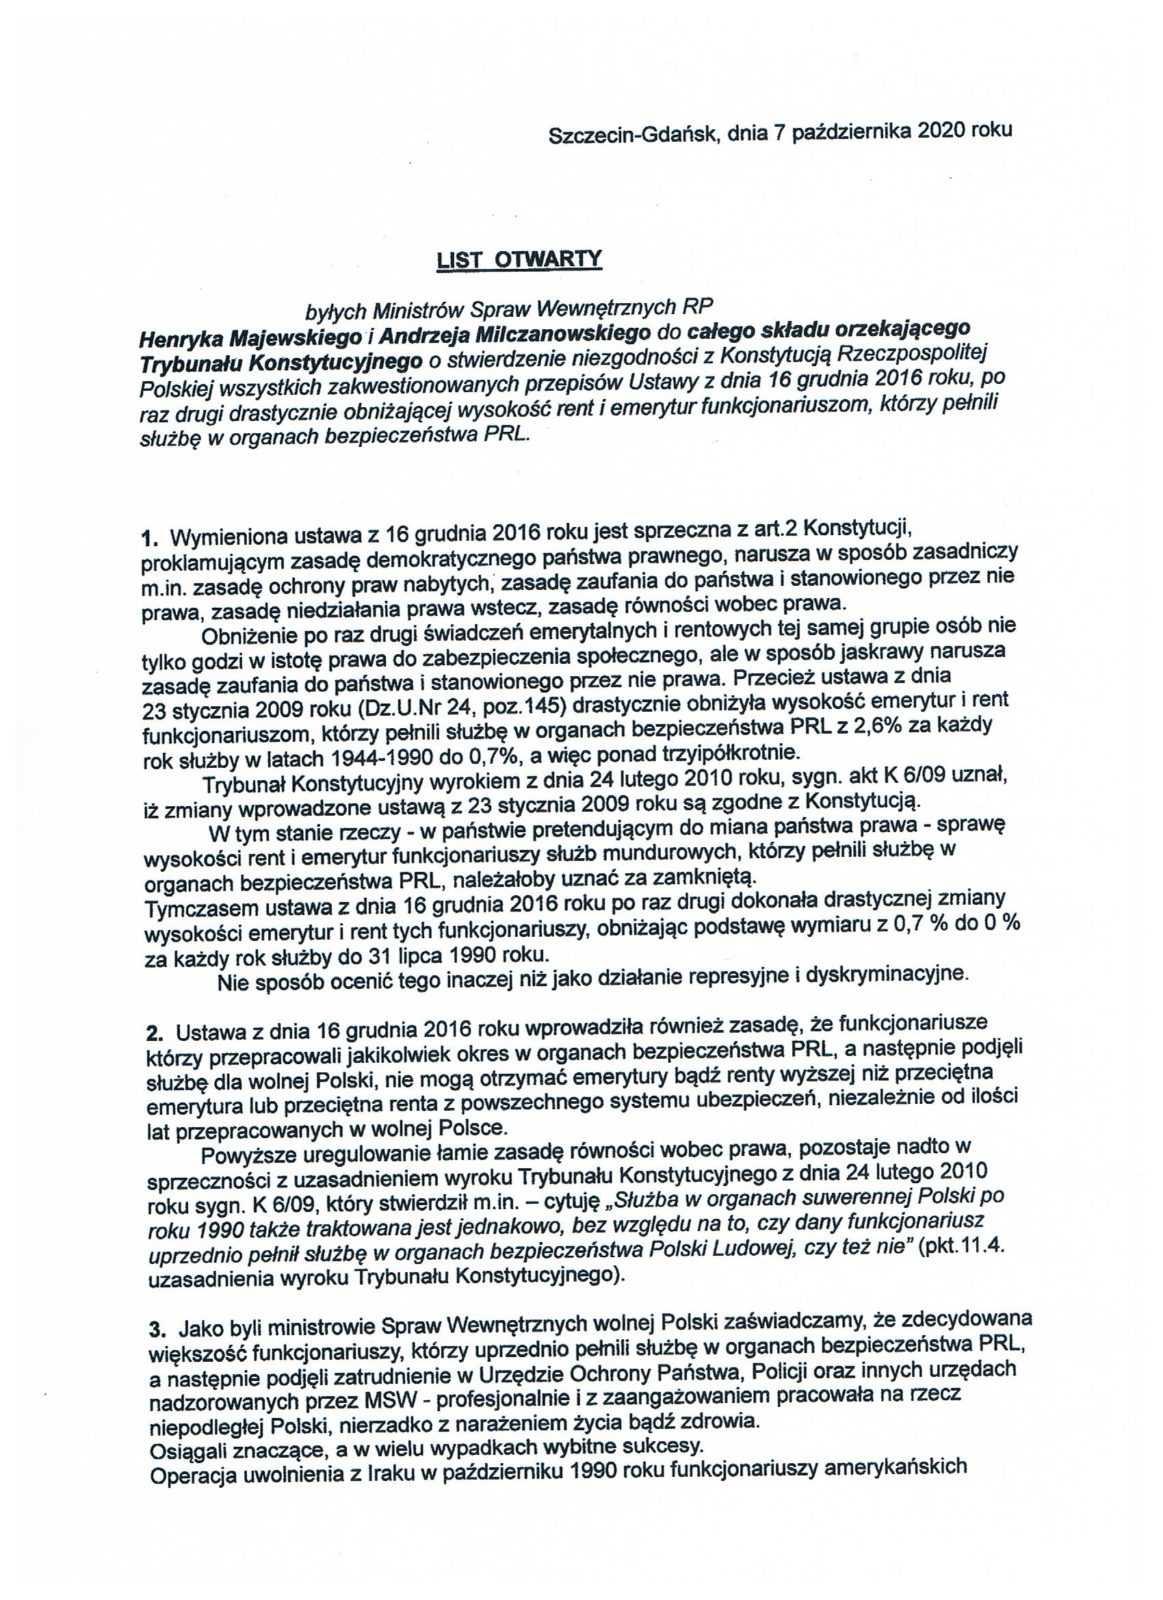 Ustawa represyjna: Milczanowski i Majewski piszą do TK o działaniach represyjnych i dyskryminacyjnych 5